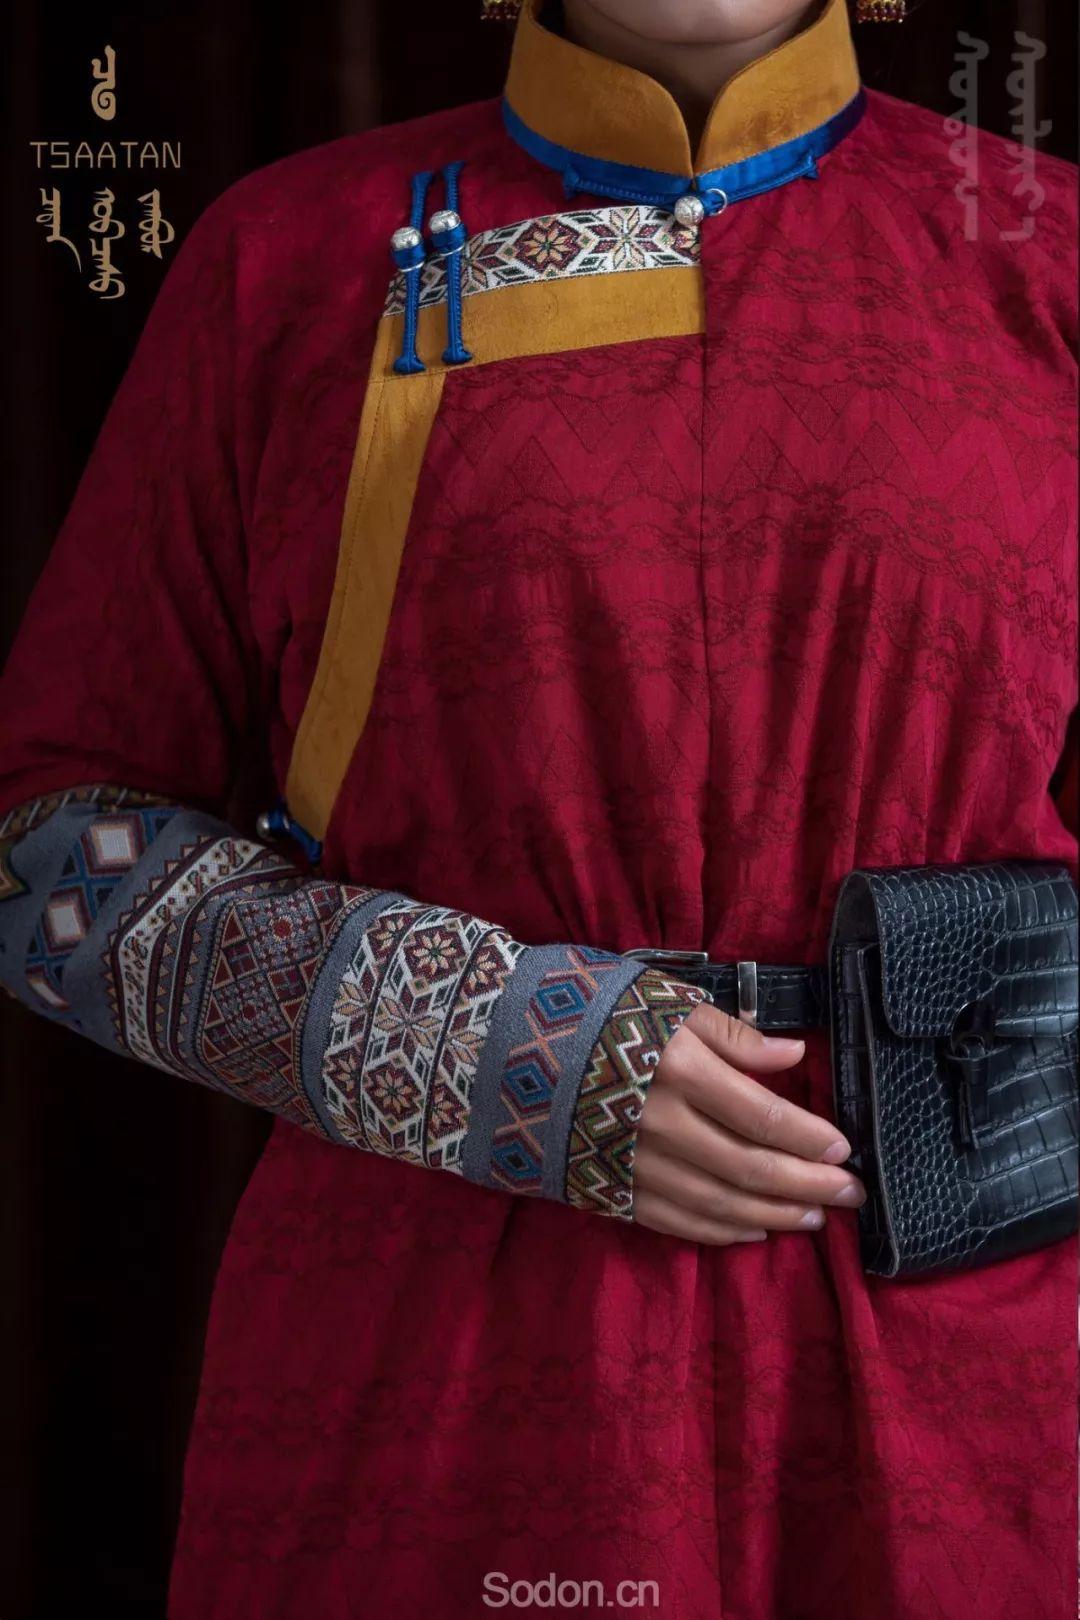 TSAATAN蒙古时装 2019新款,来自驯鹿人的独特魅力! 第57张 TSAATAN蒙古时装 2019新款,来自驯鹿人的独特魅力! 蒙古服饰